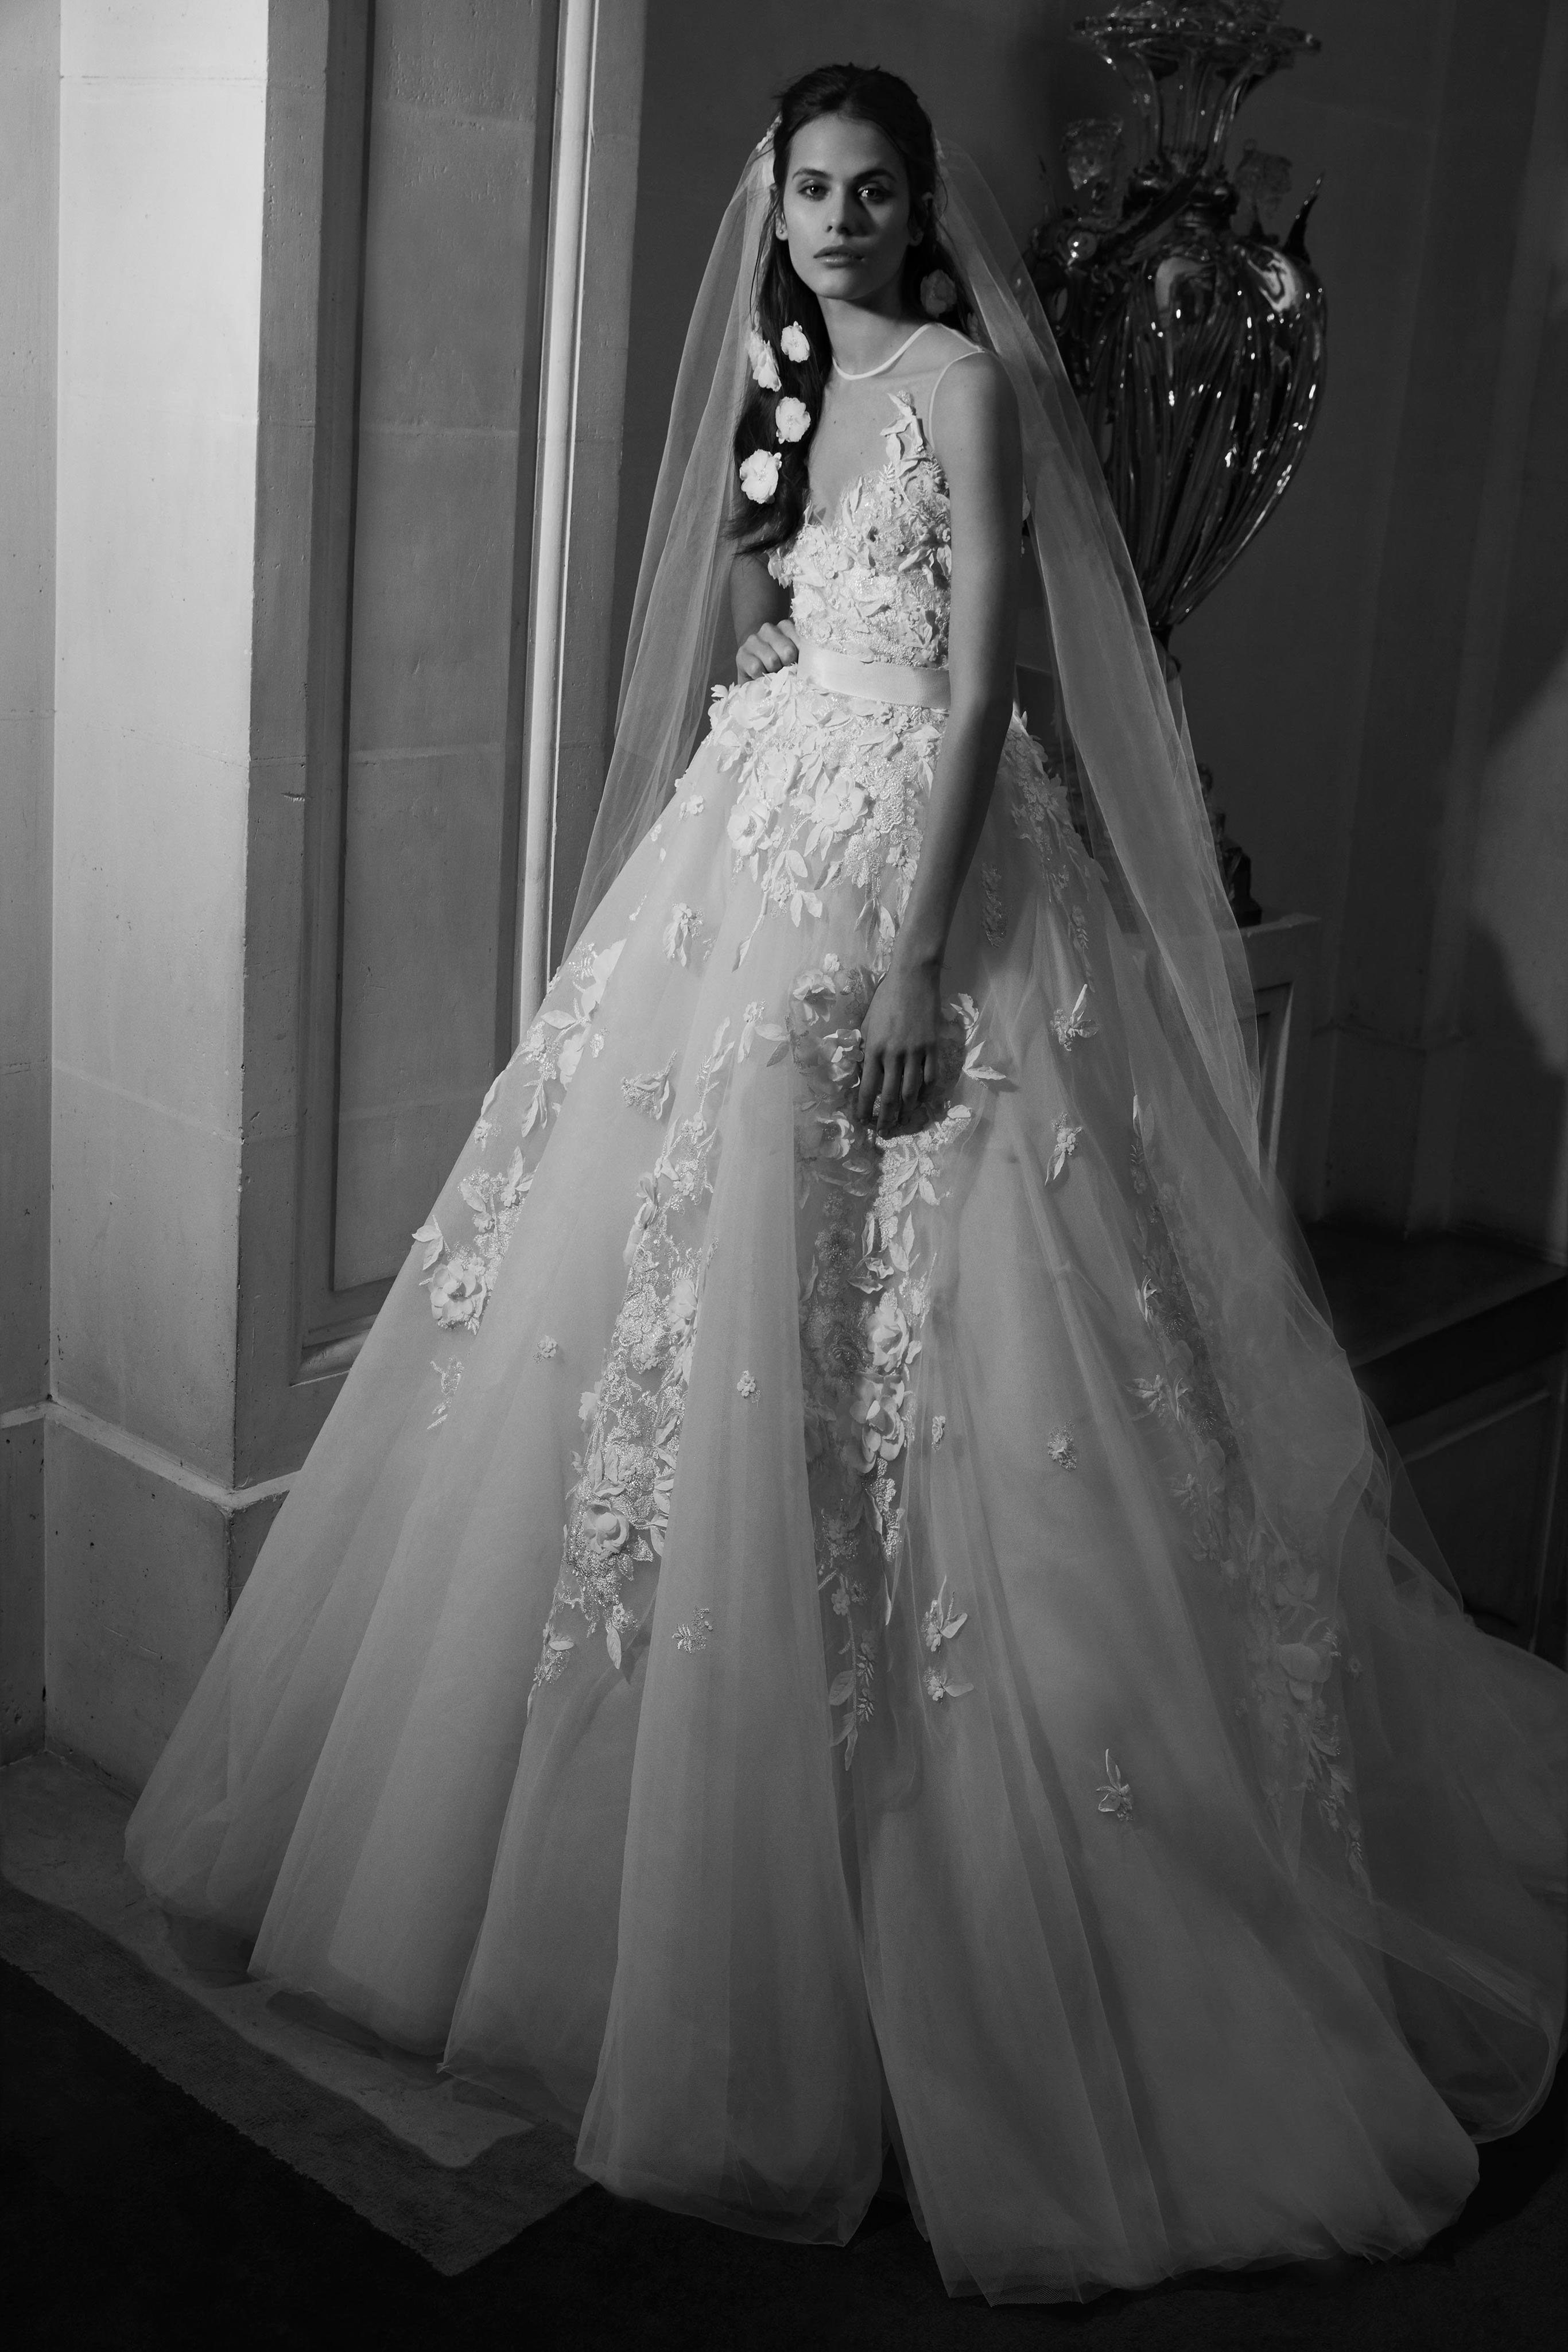 Ellie Saab Bridal Spring Fashion 2019- Photo by Vogue 3a645b72da1